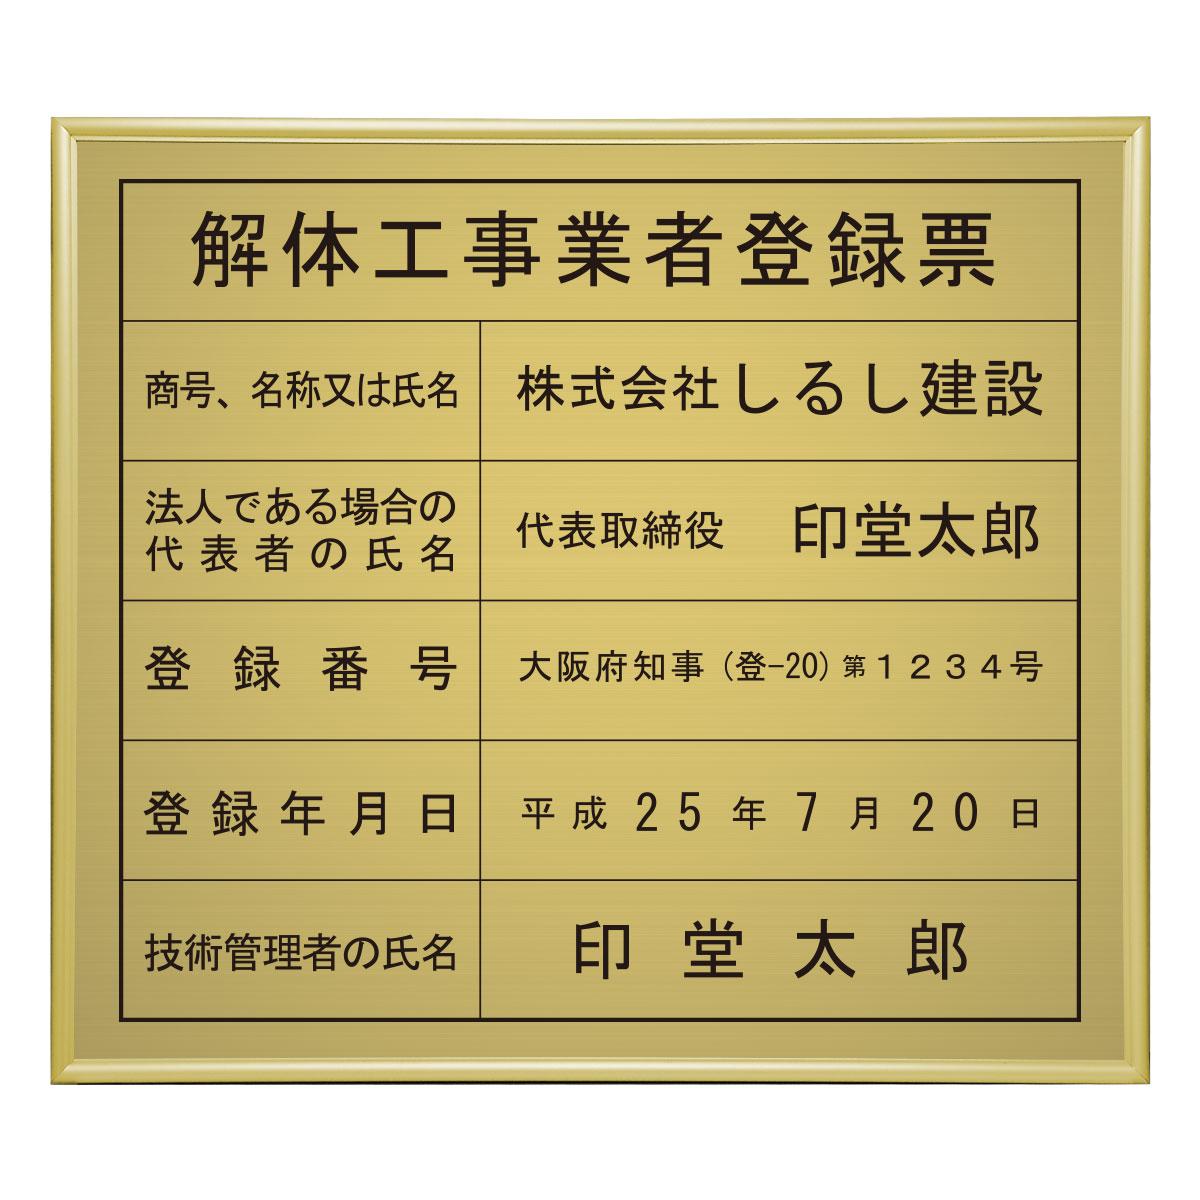 解体工事業者登録票ゴールド調 / 店舗 事務所用看板 文字入れ 名入れ 別注品 特注品 看板 法定看板 許可票